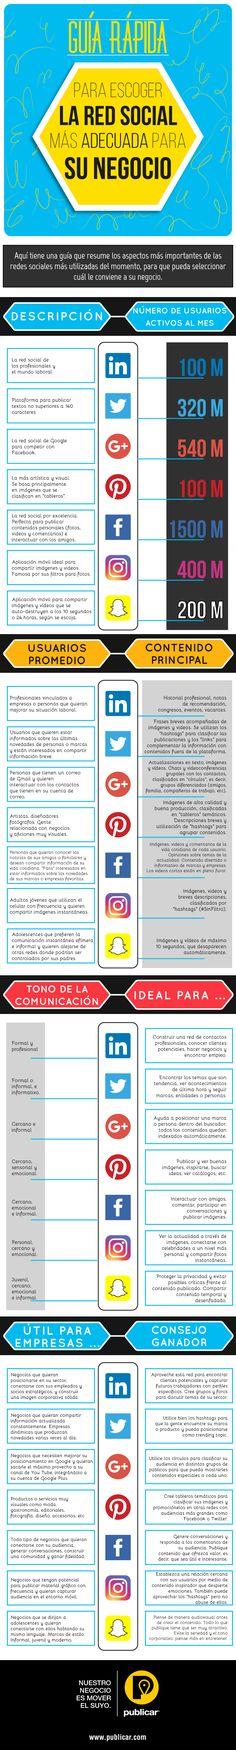 Guía para escoger la Red Social mas adecuada para tu empresa